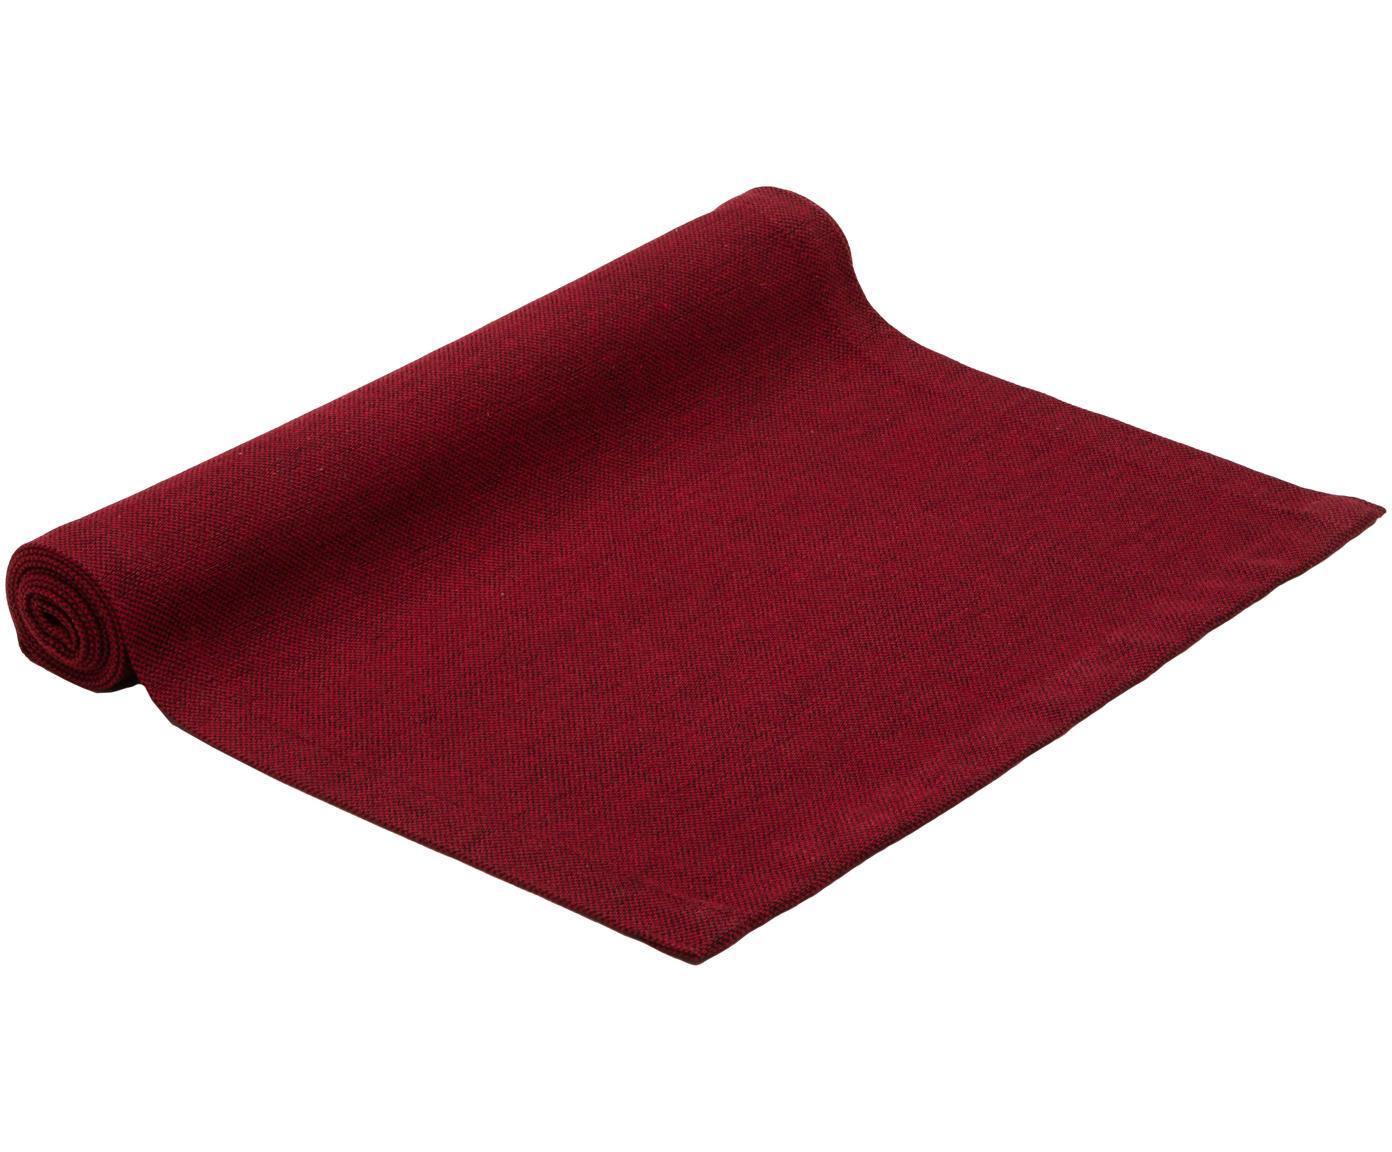 Tafelloper Riva, 55%katoen, 45%polyester, Rood, 40 x 150 cm